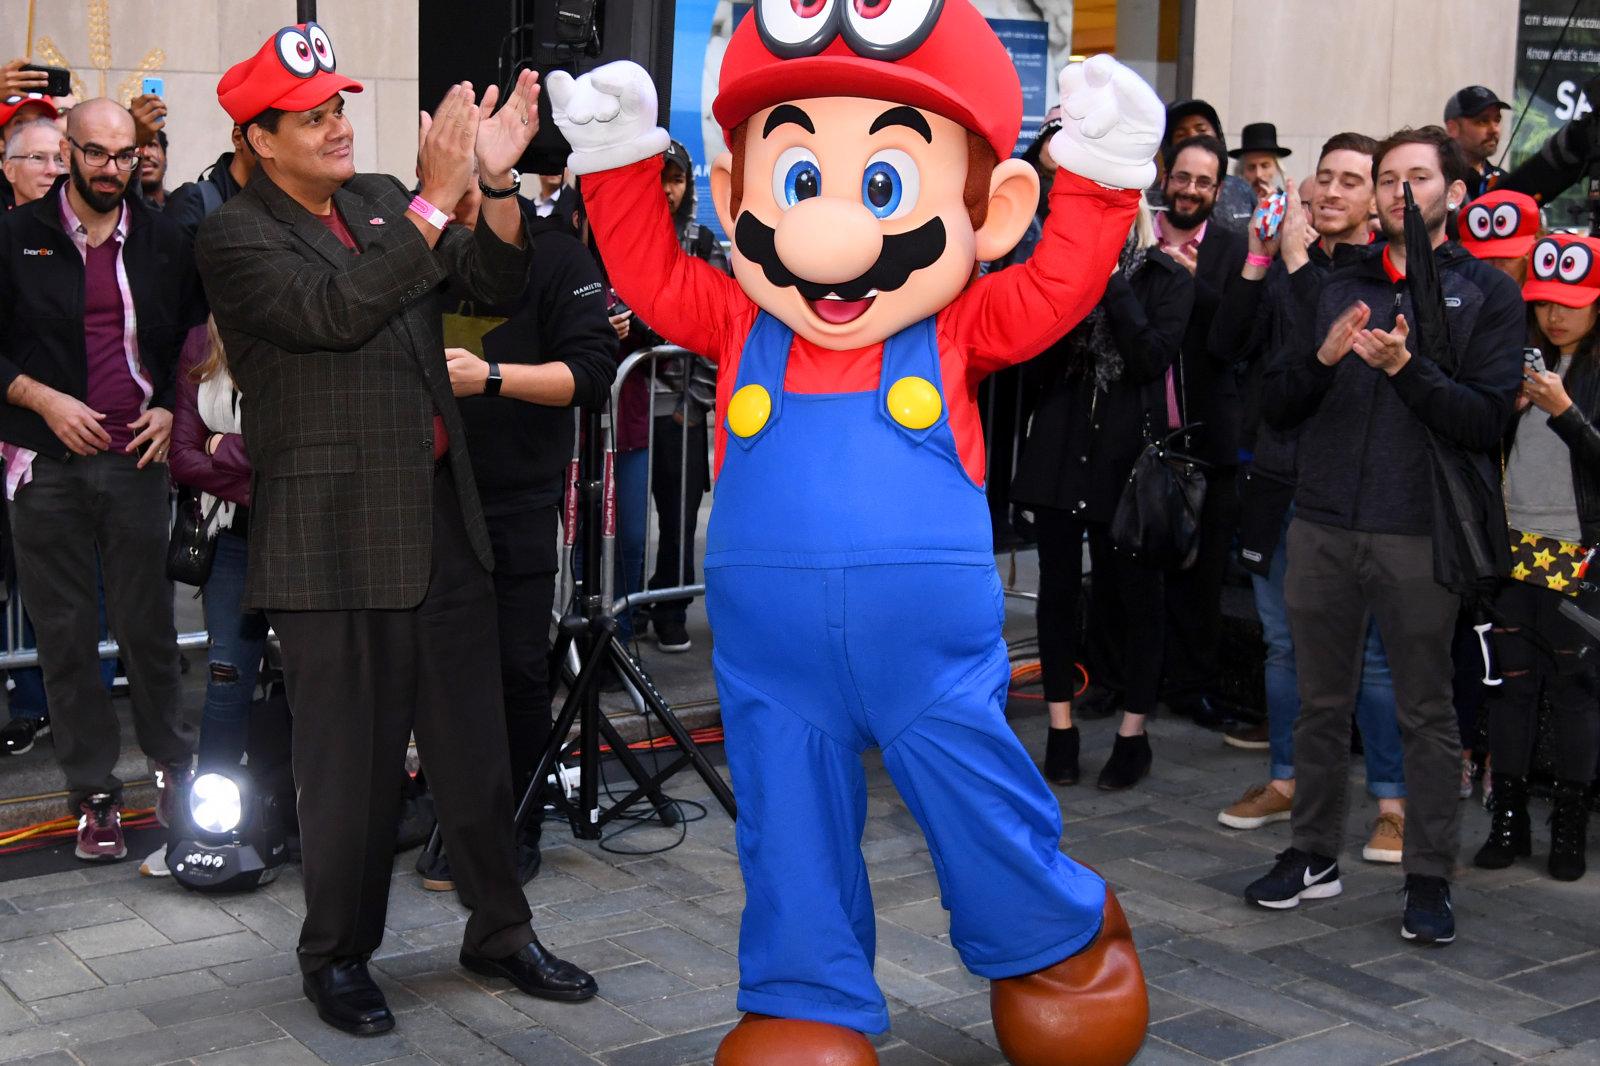 《超级马里奥》动画电影将于2022年上映 与宫本茂紧密合作